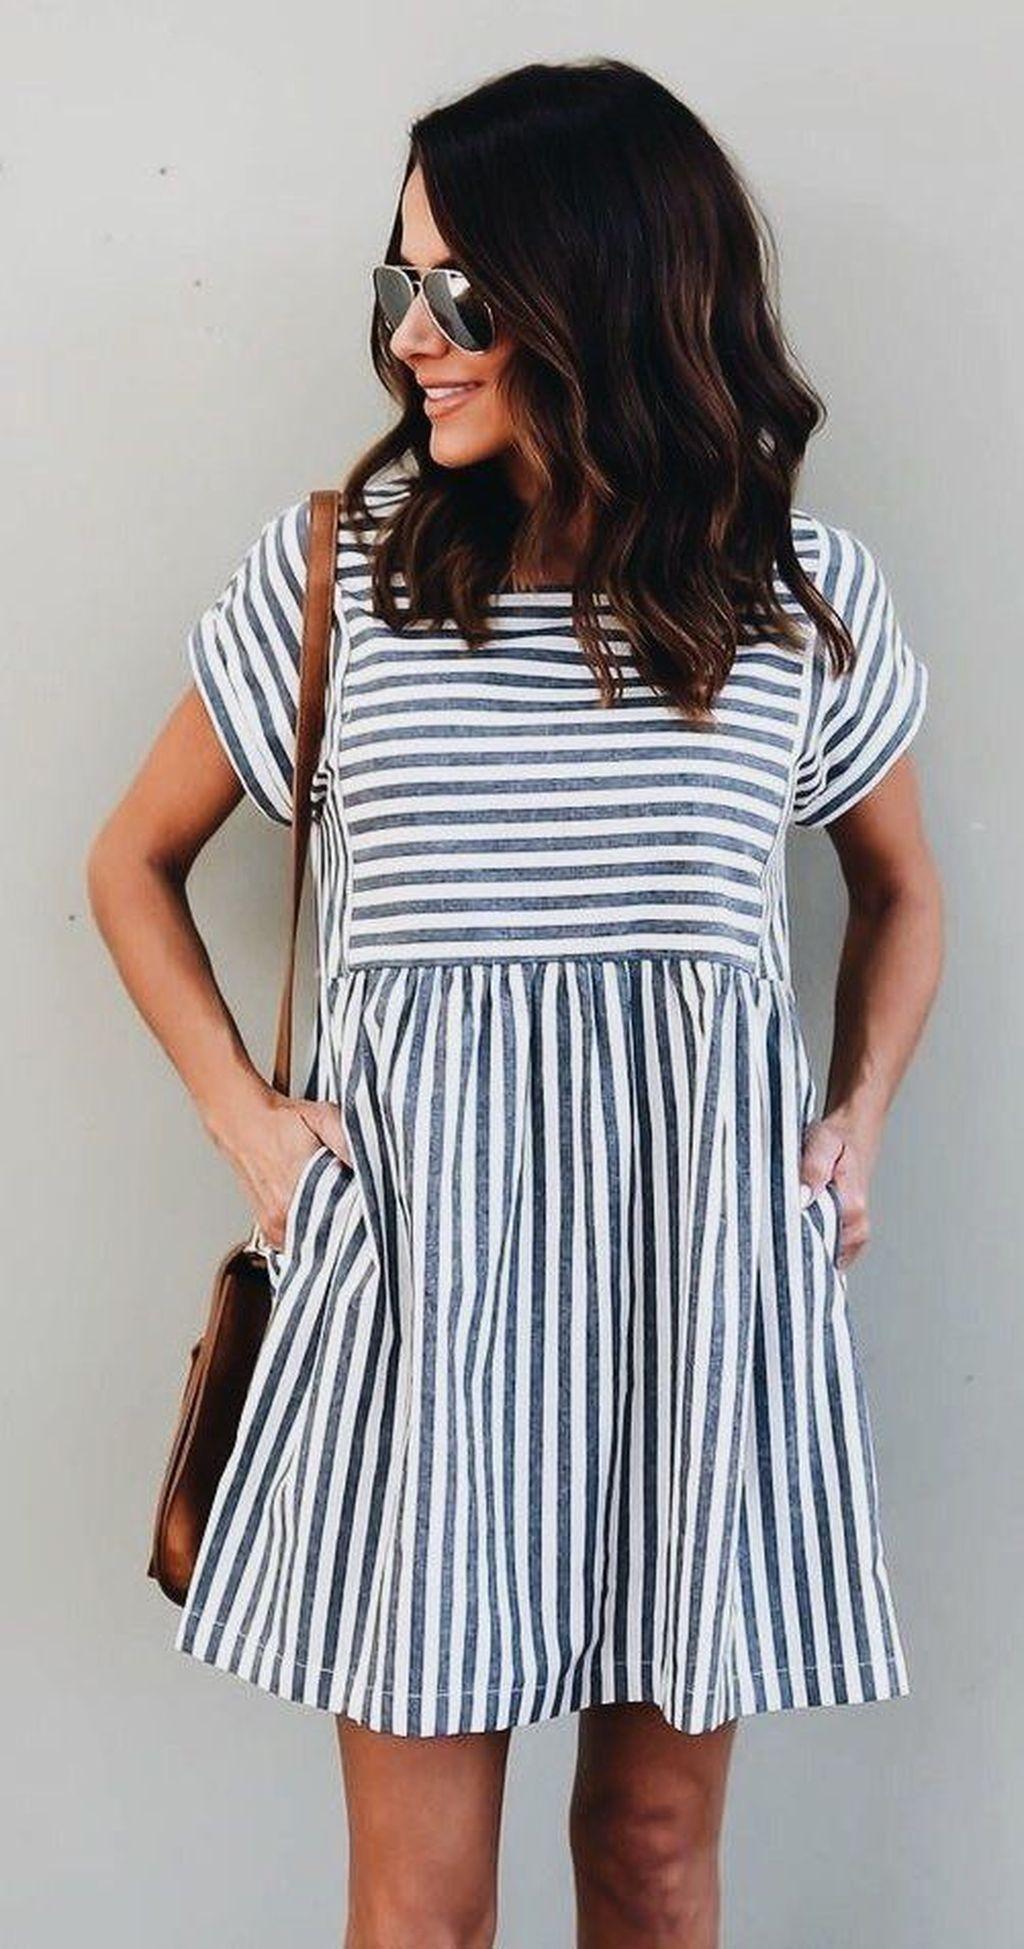 платье в полоску фото 12